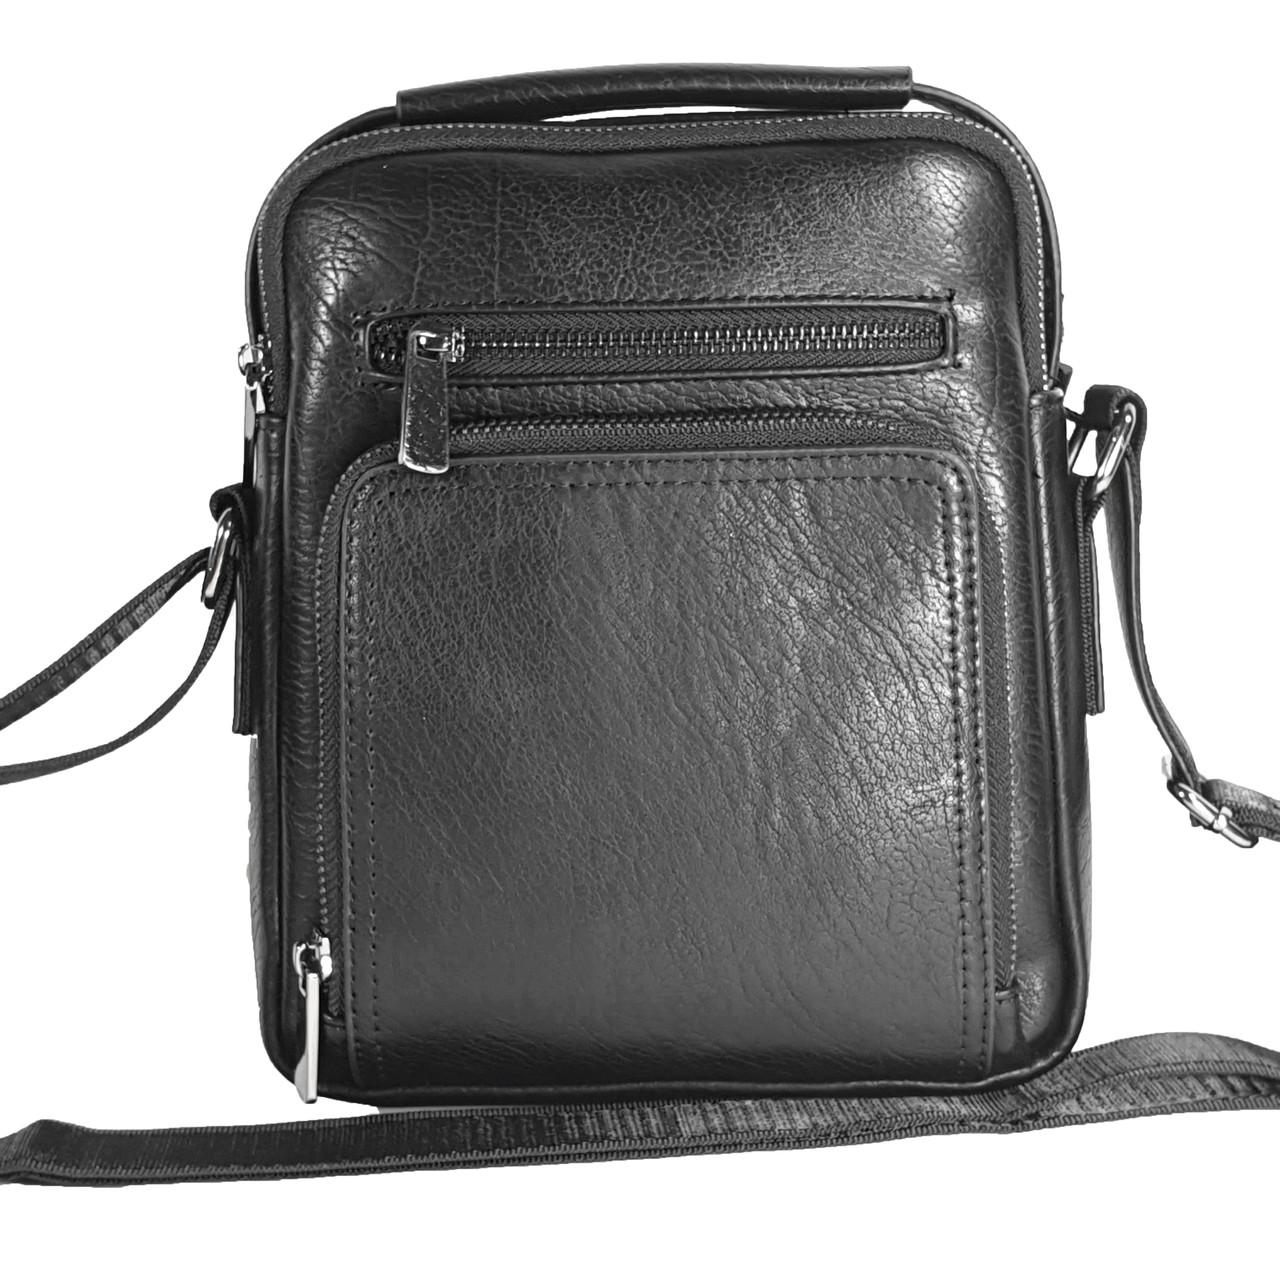 Многосекционная сумка с ручкой, большая